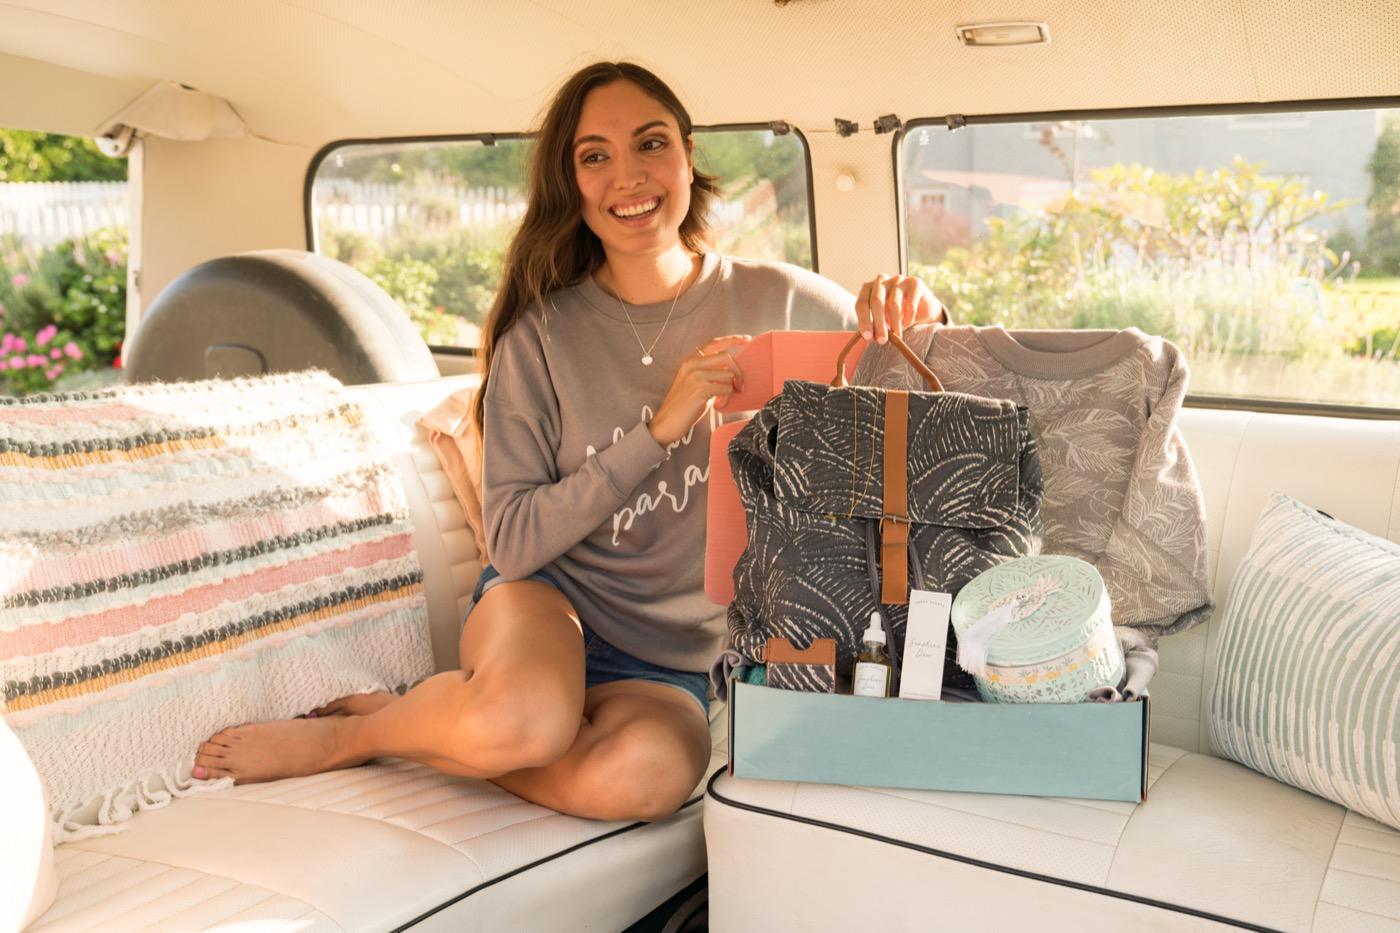 Unboxing Beachly in a van